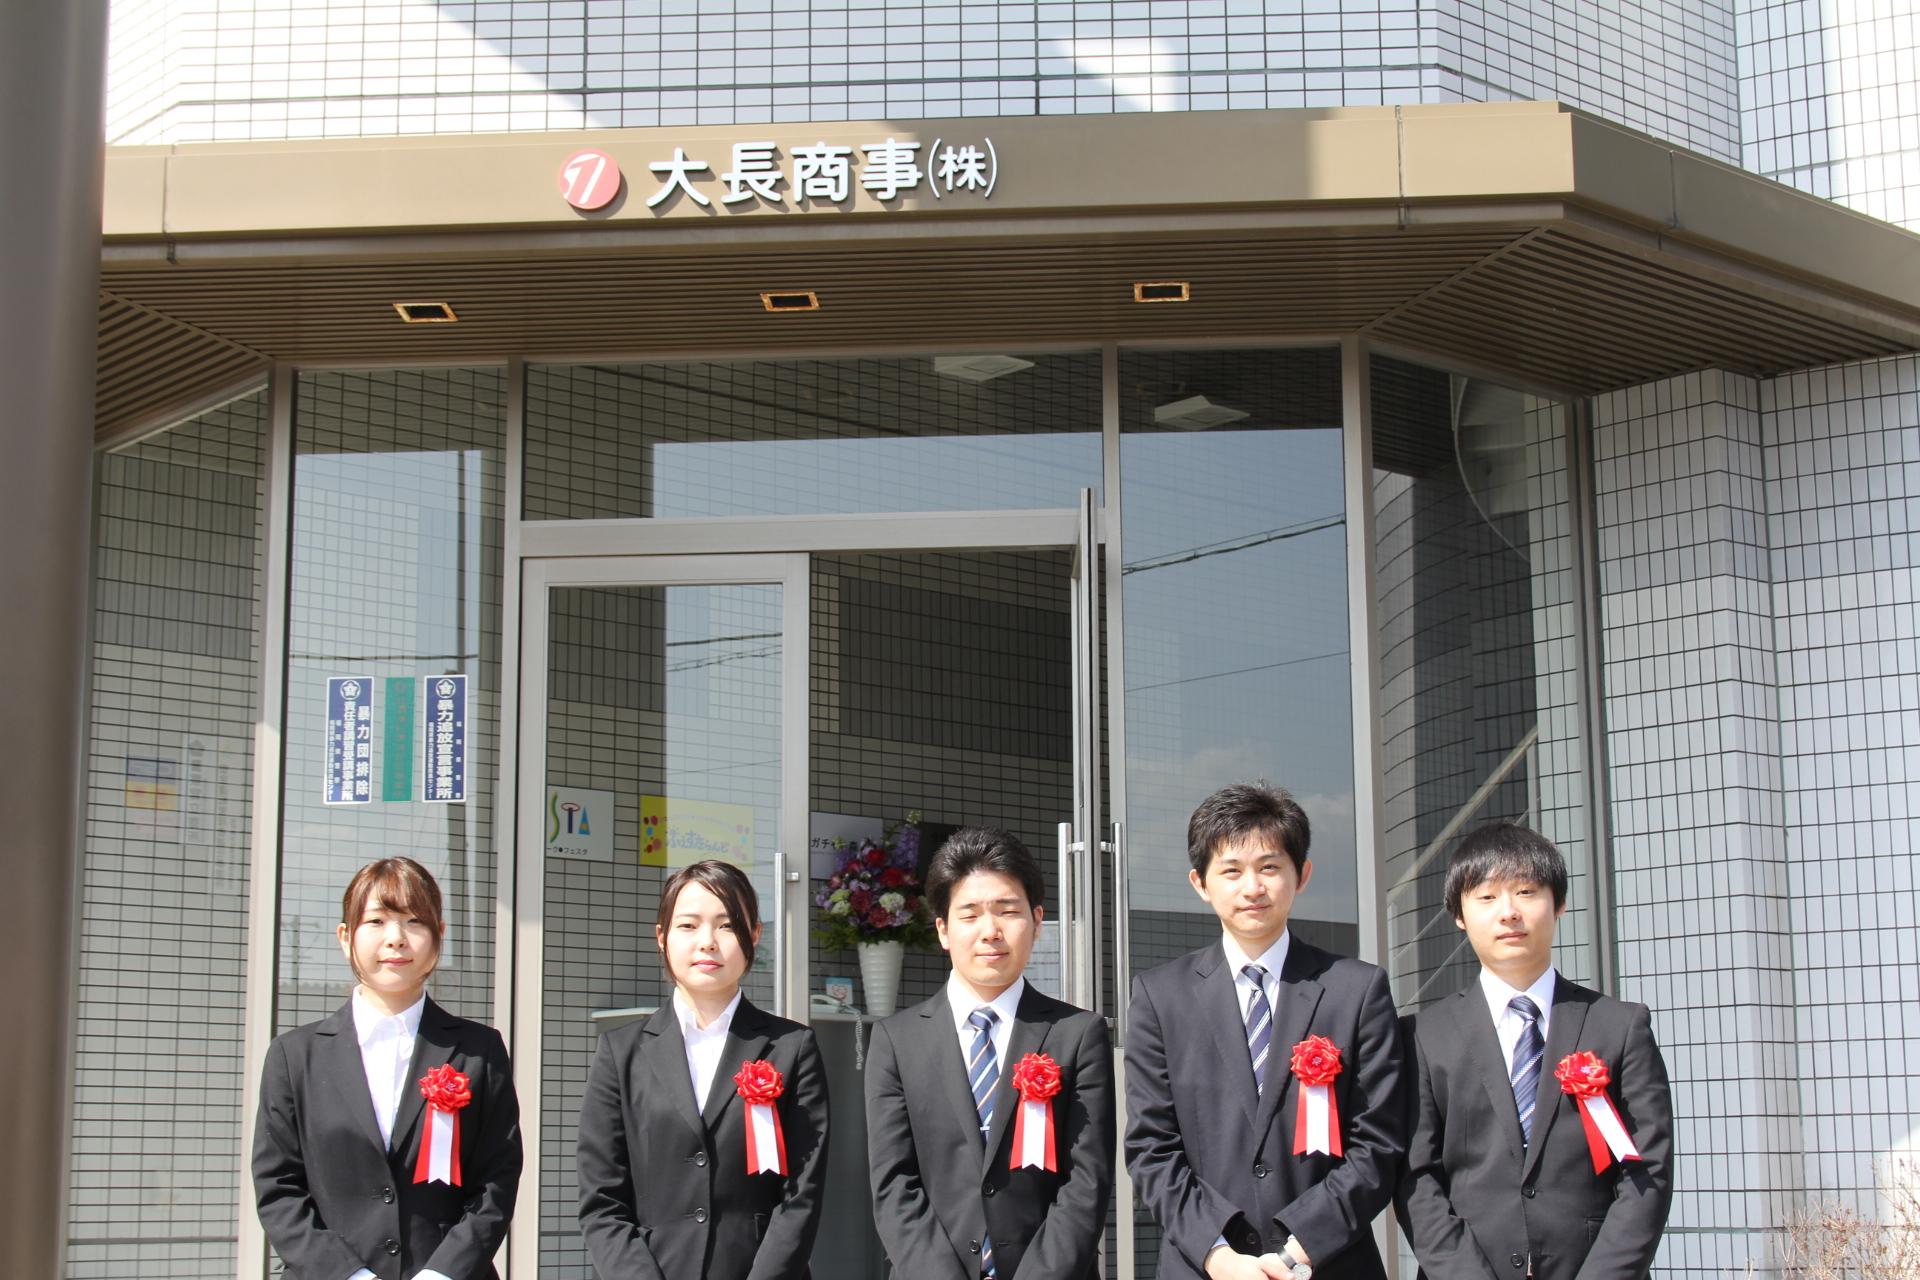 2018年4月2日本社にて入社式を開催